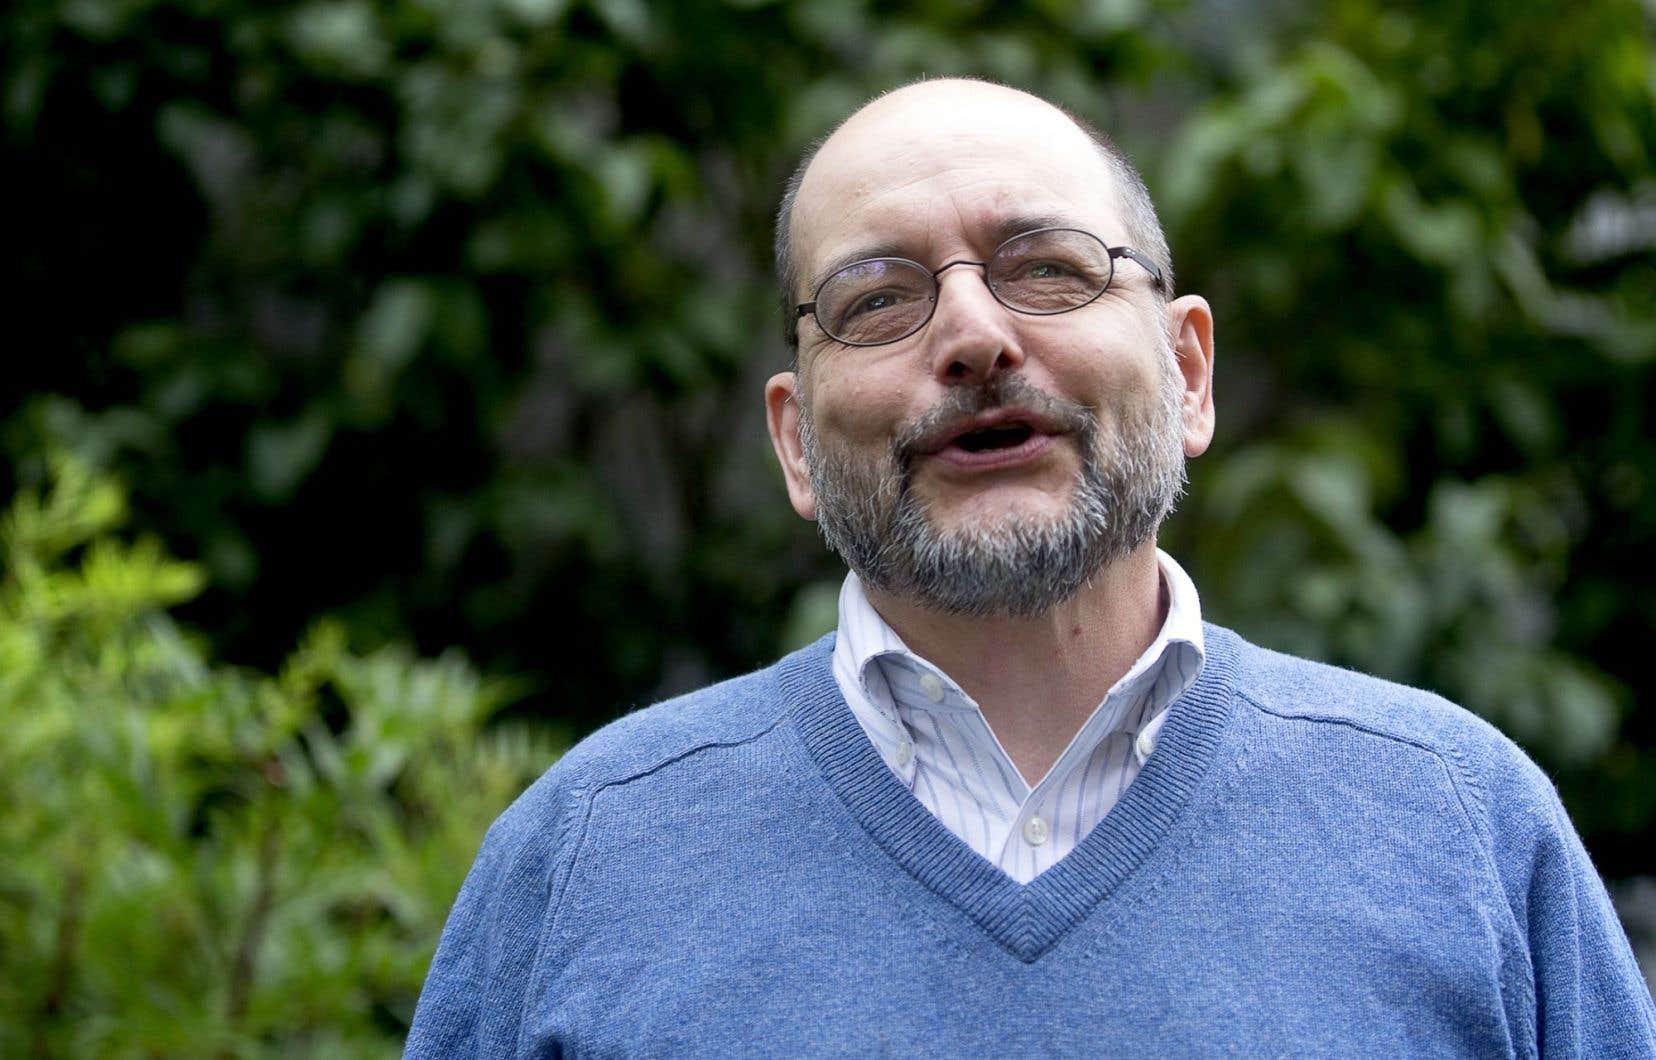 Benoît Melançon, professeur de littérature et blogueur linguistique, refuse quand il pense notre langue autant l'alarmisme que le jovialisme.